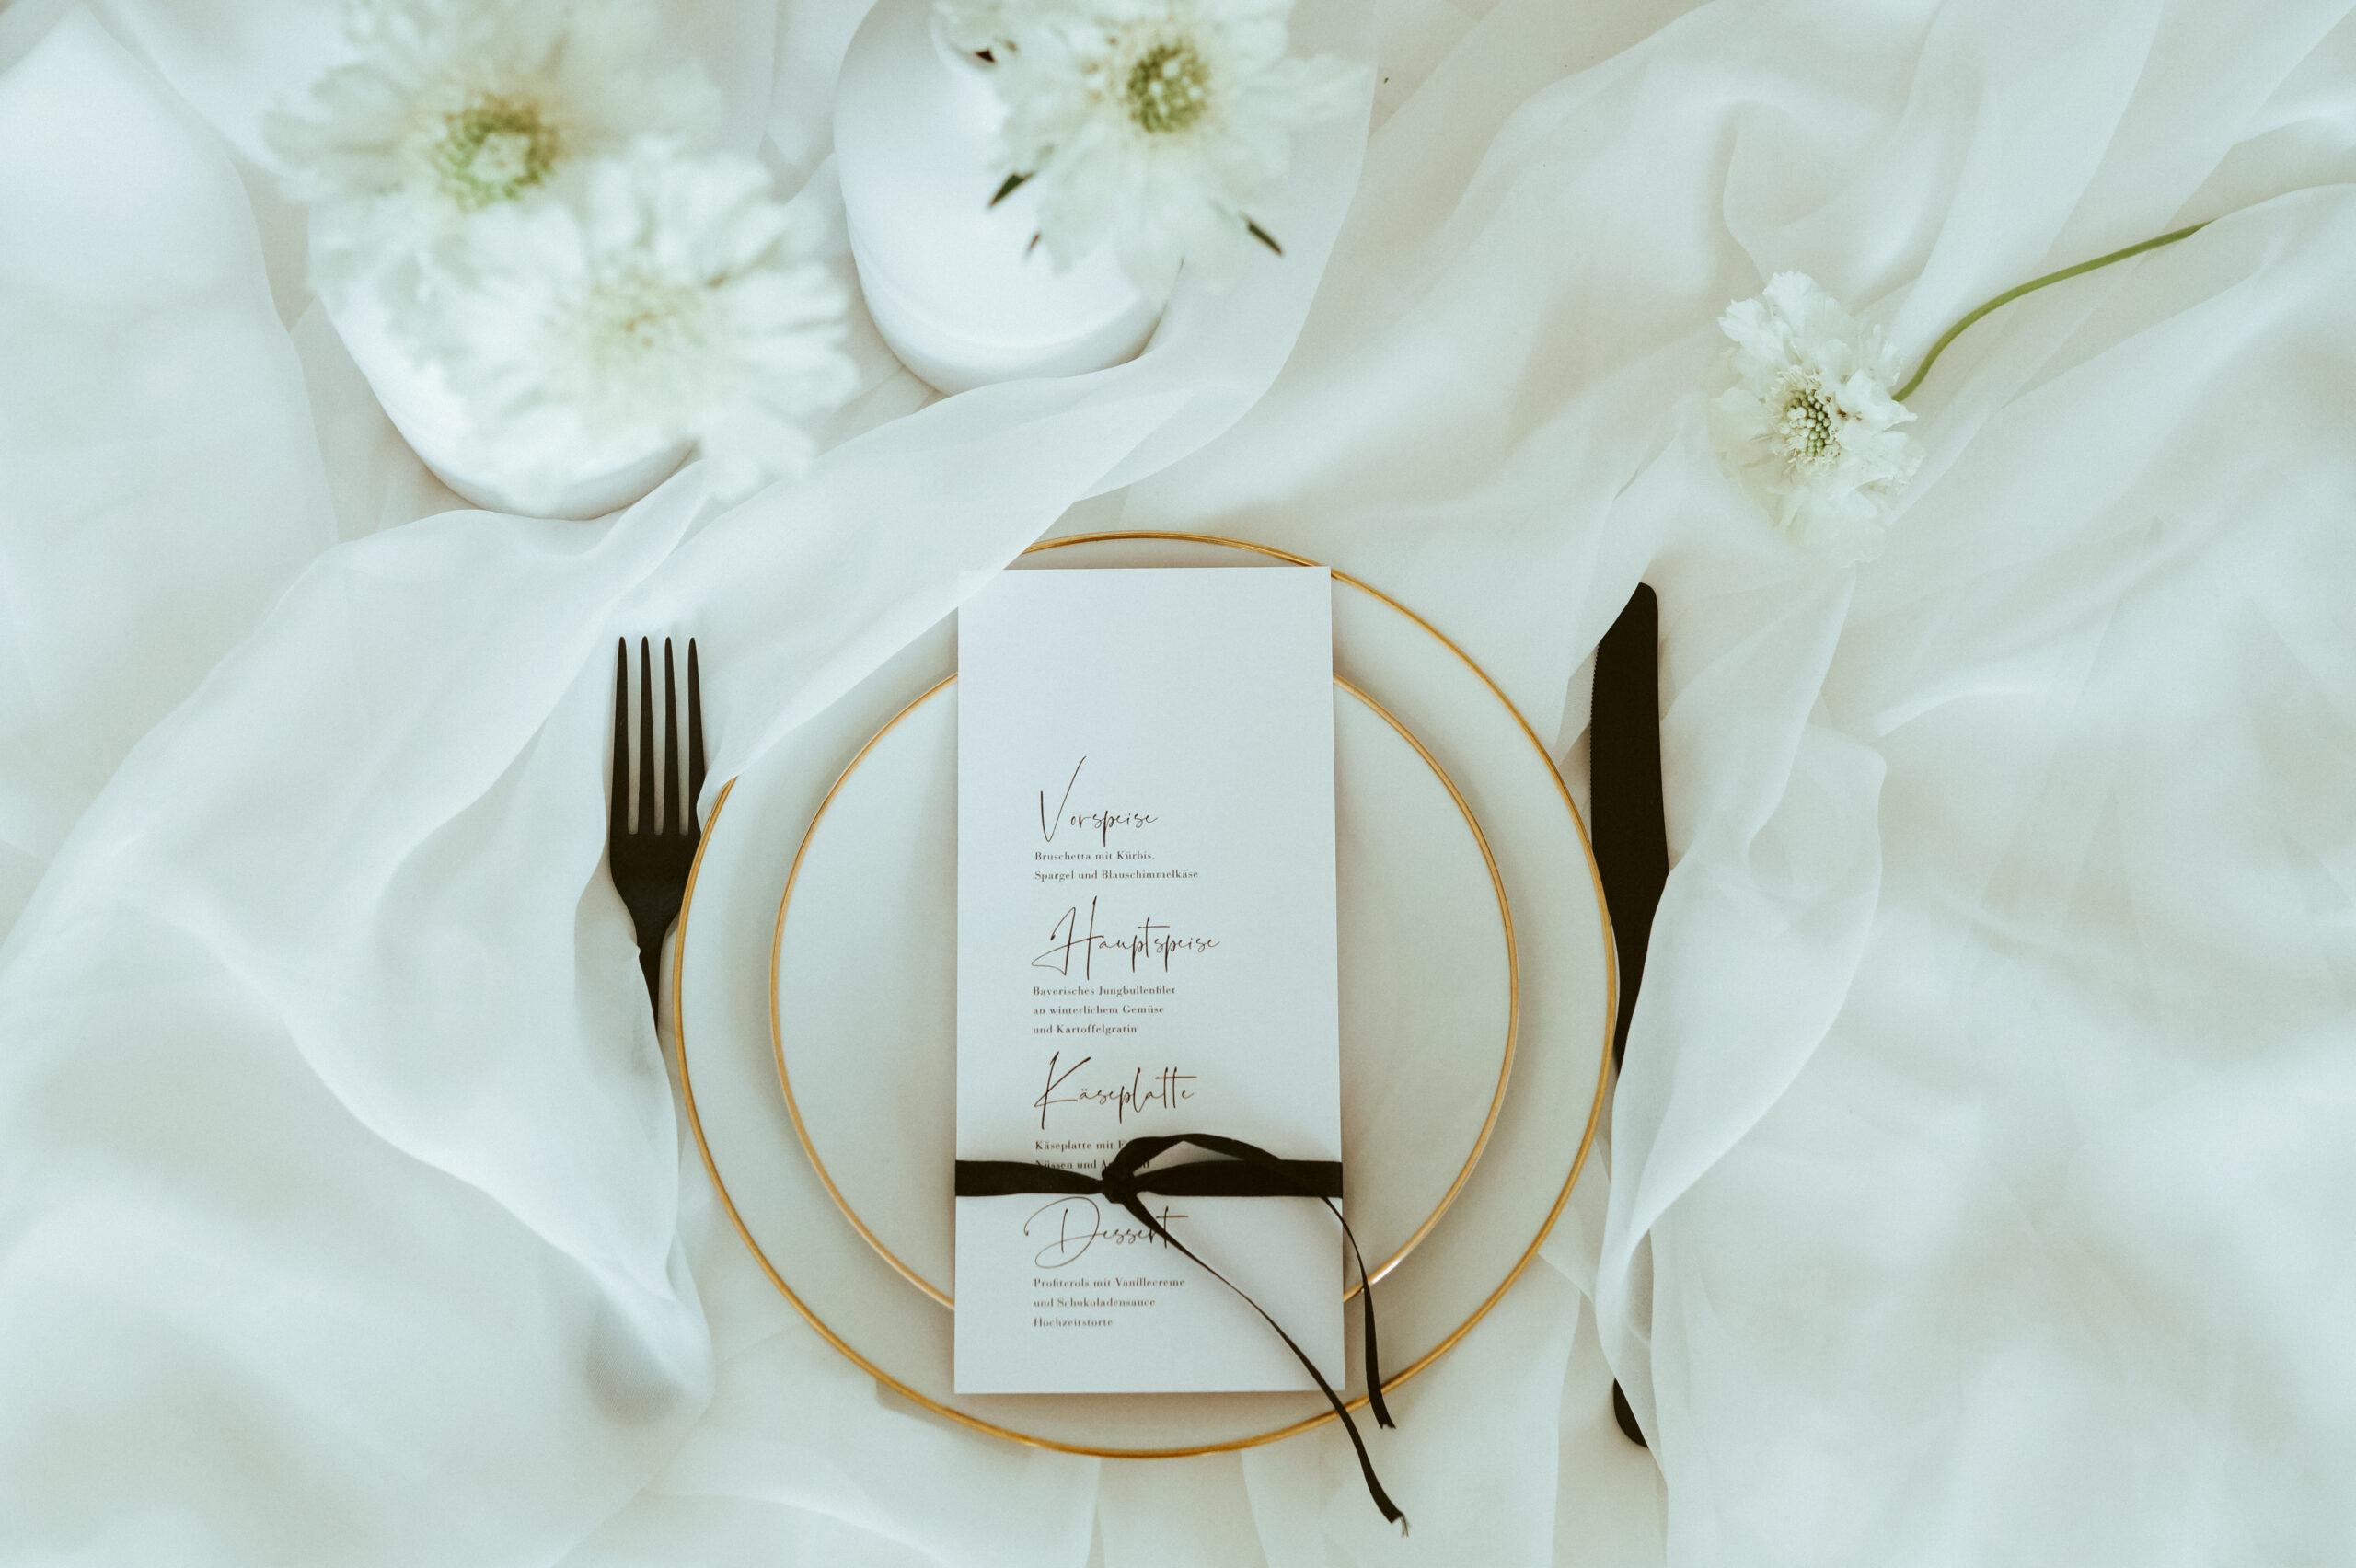 Ein Hochzeitsdesign in Weiß mit schwarzen Akzenten und goldenen Applikationen. Schlicht, airy und edel.